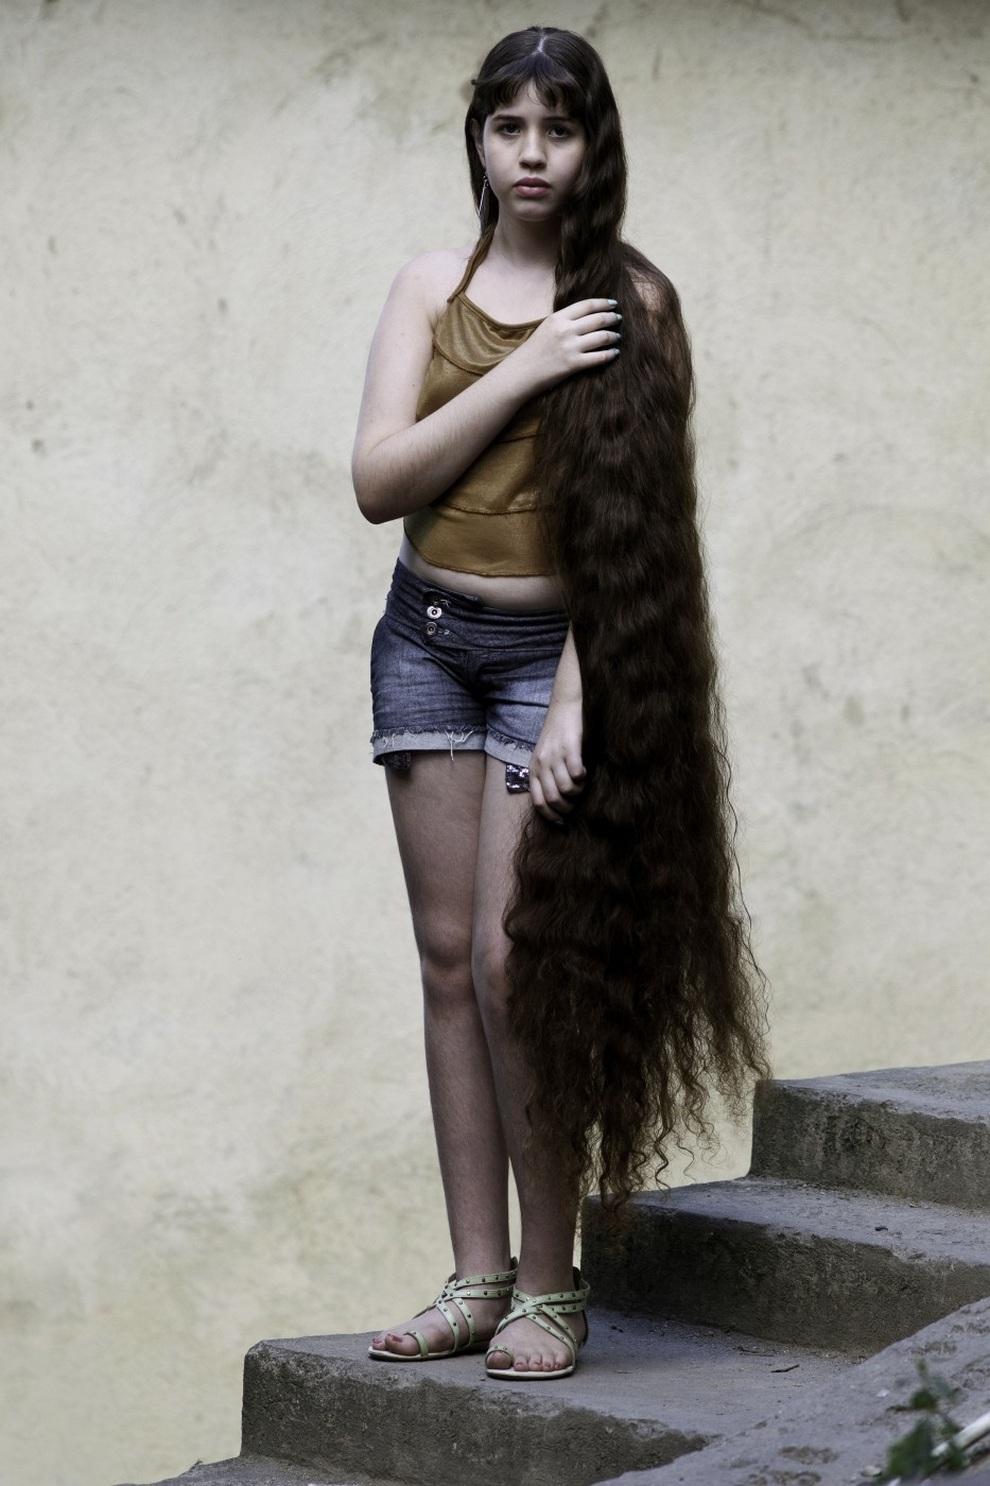 Фото красивых девушек эмо в полный рост 17 фотография